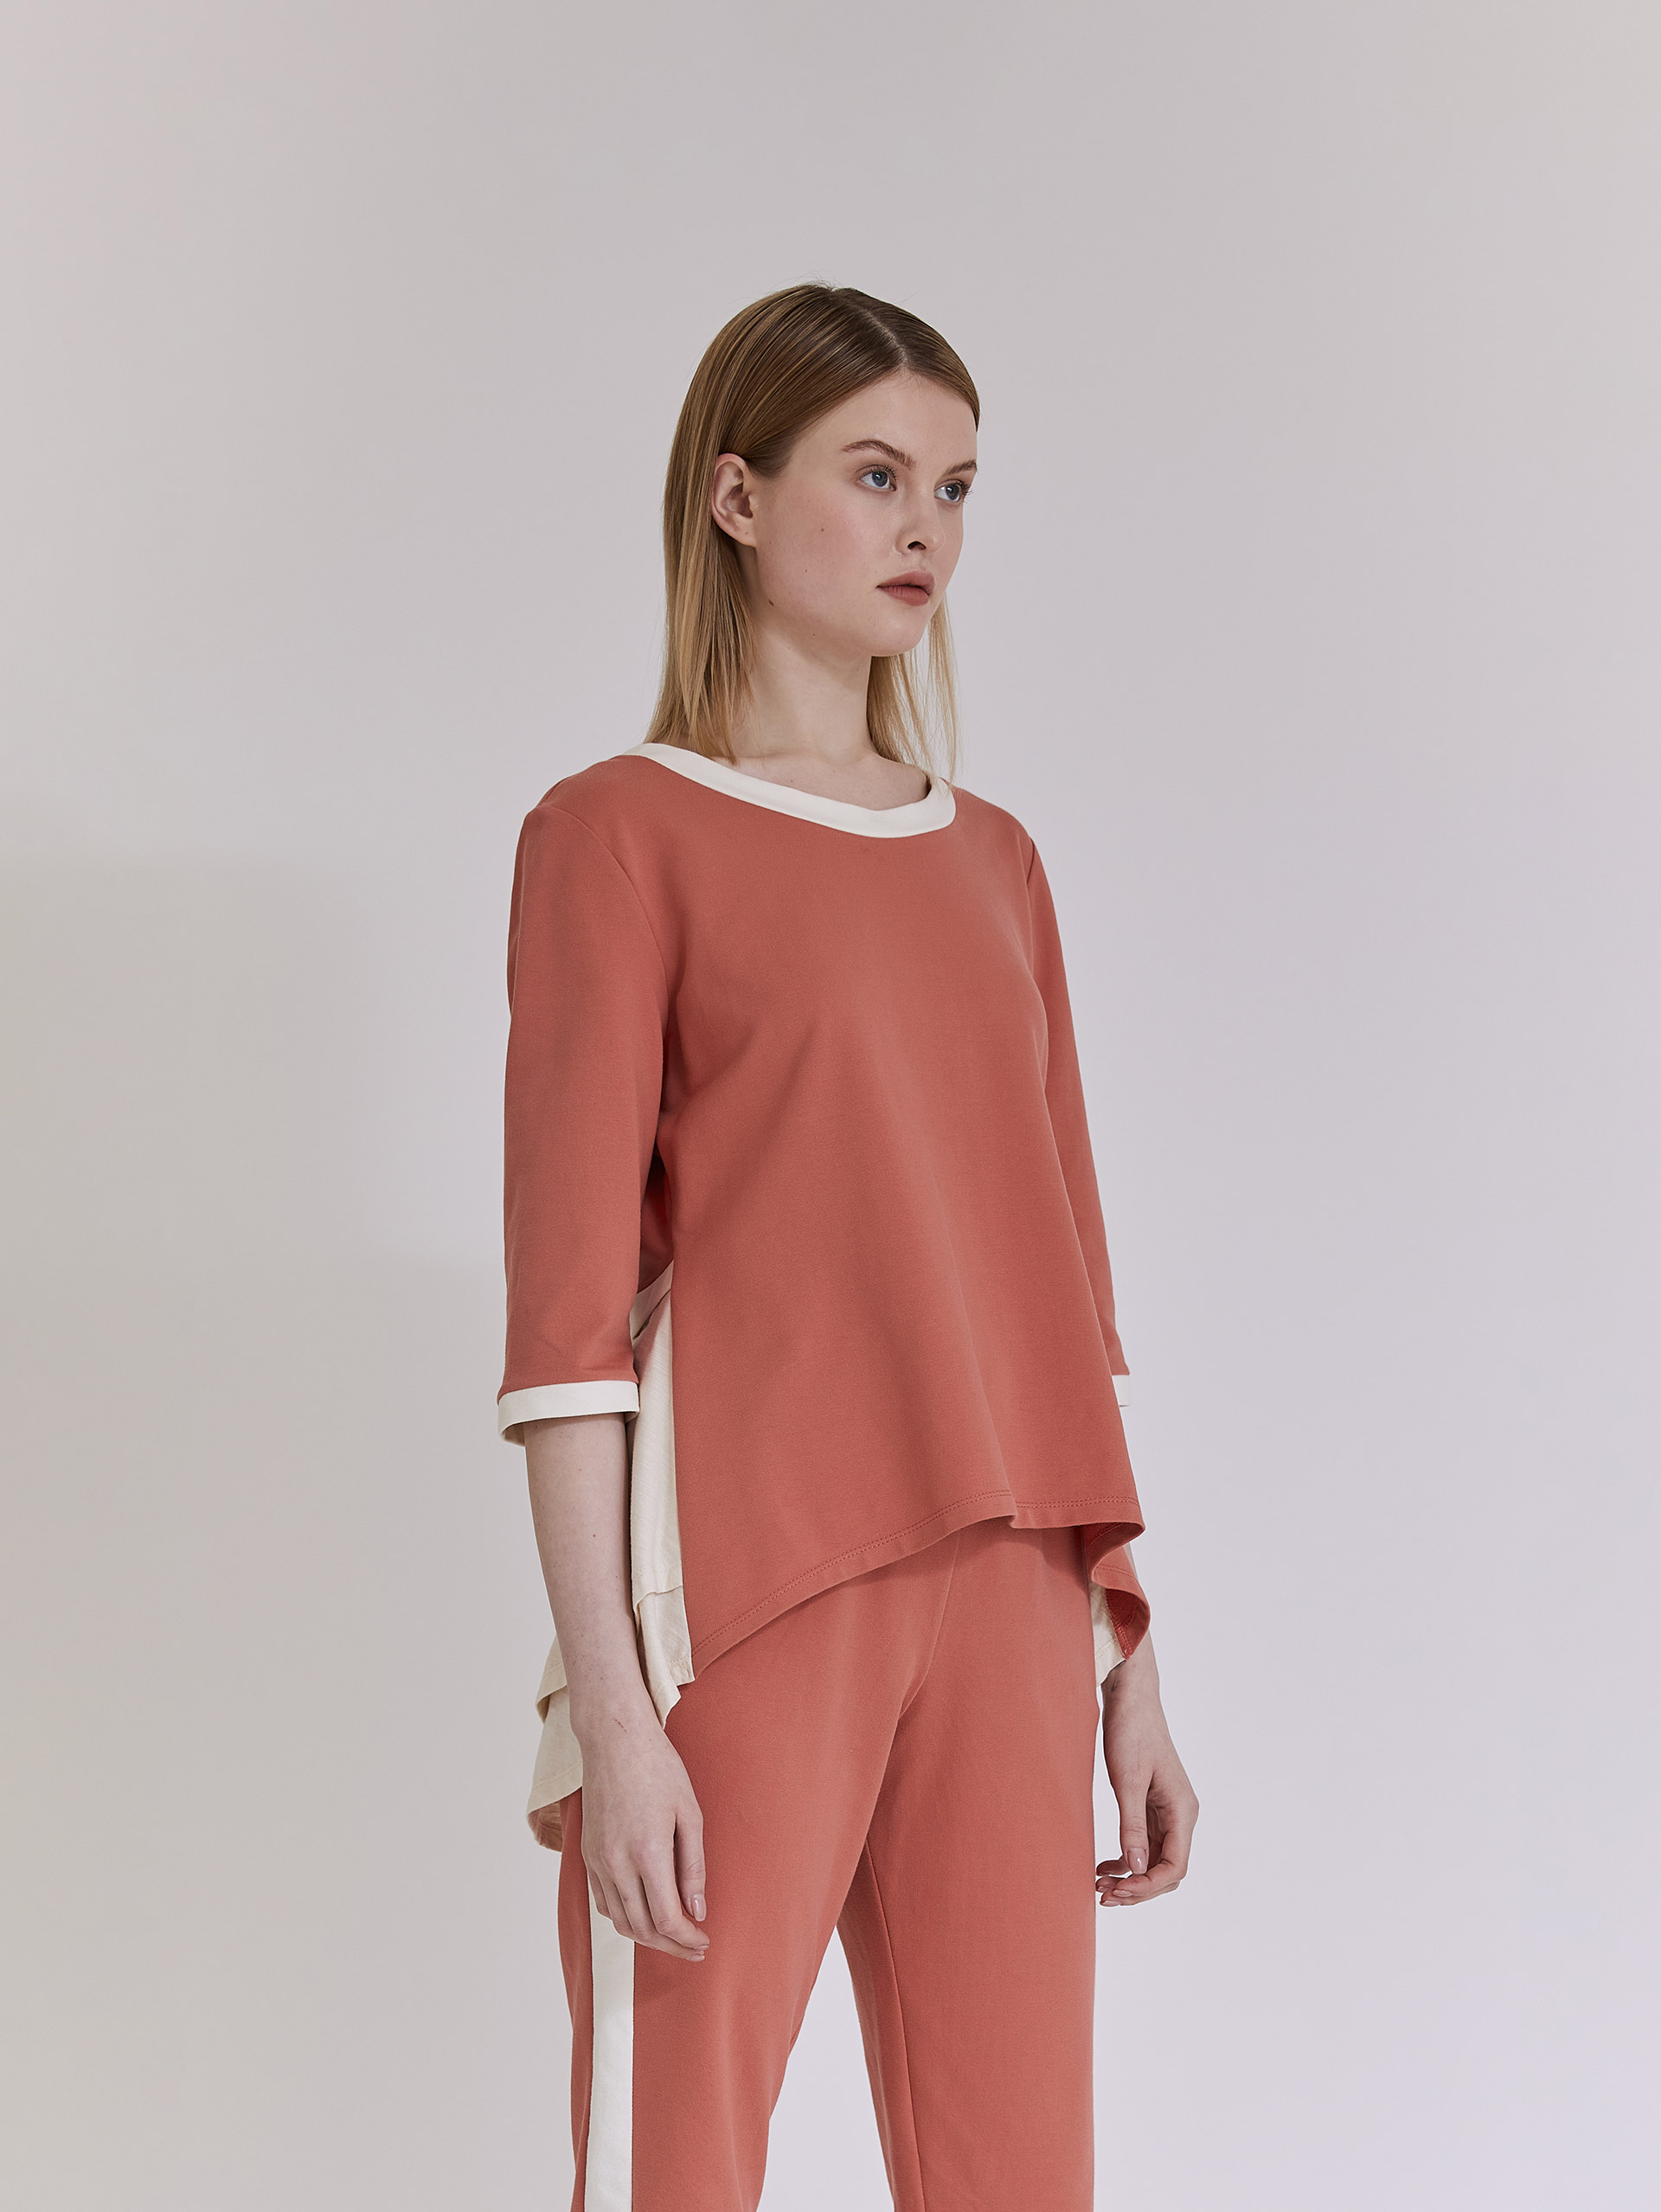 Μπλούζα φούτερ με ασυμμετρία